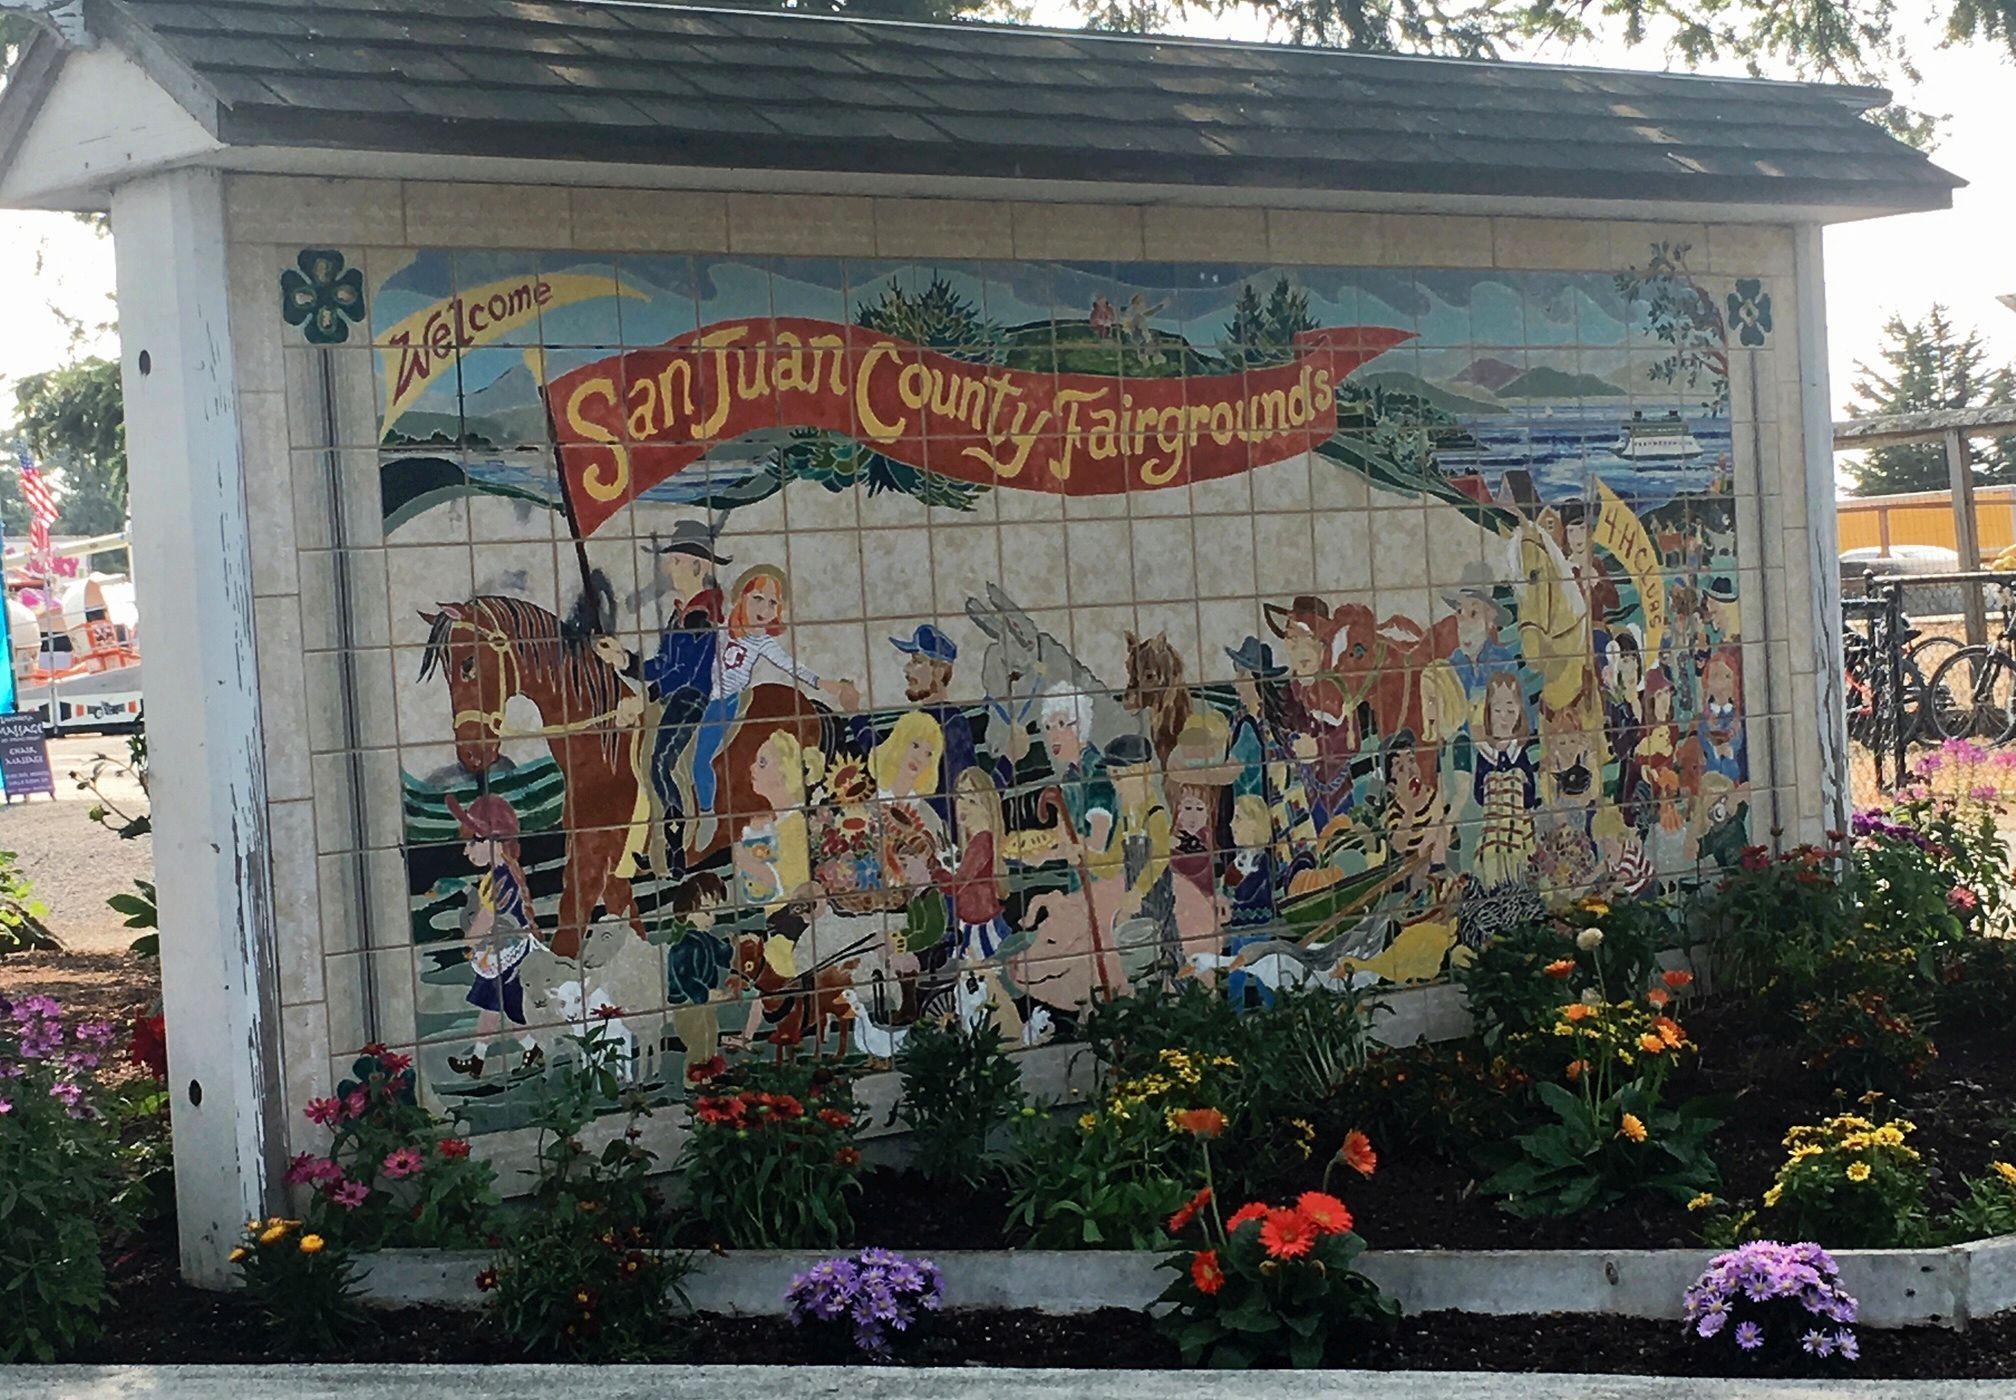 San Juan County Fair - Fair Mural Entrance